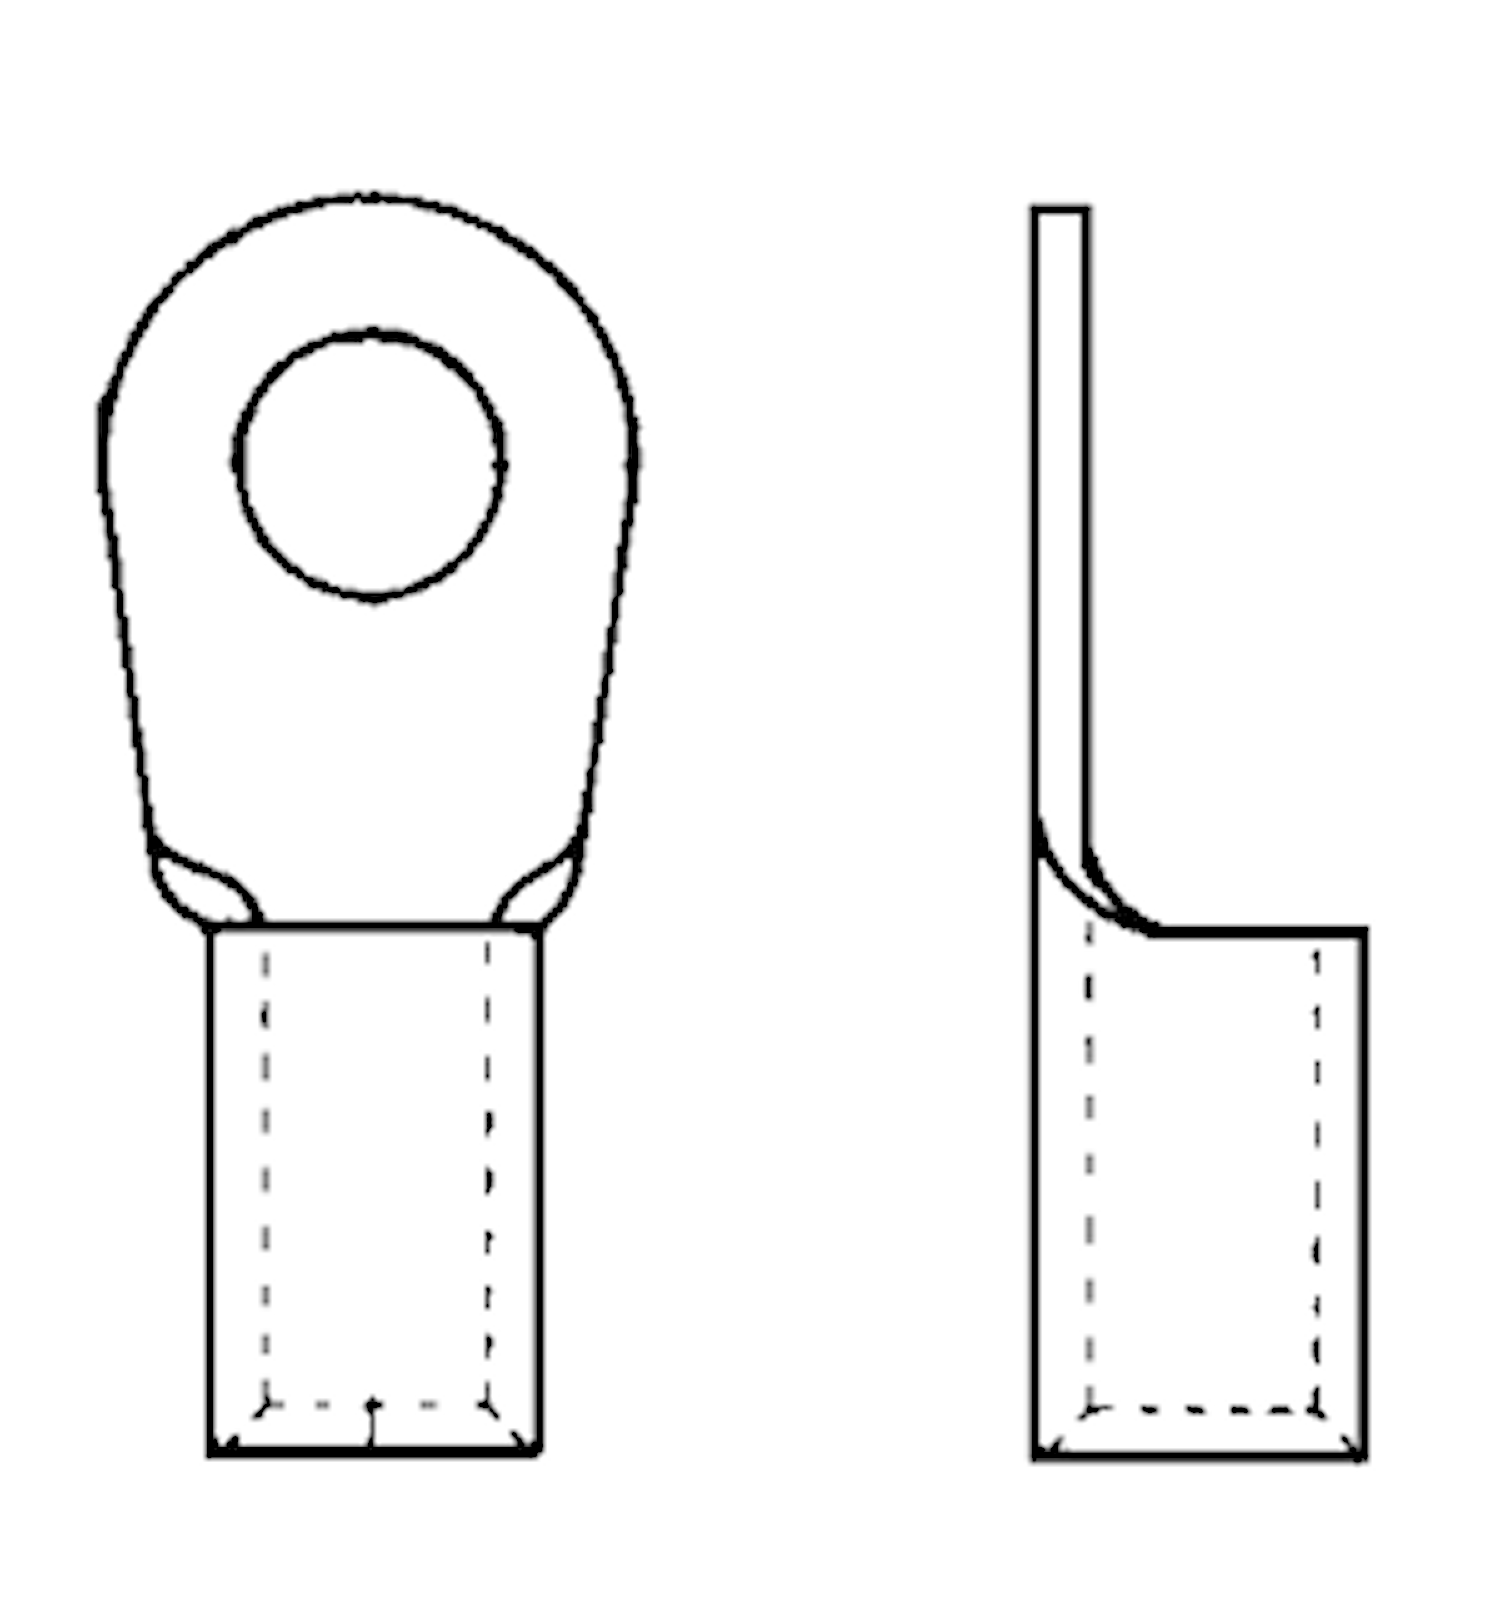 Presskabelsko 10,5mm , 35mm²